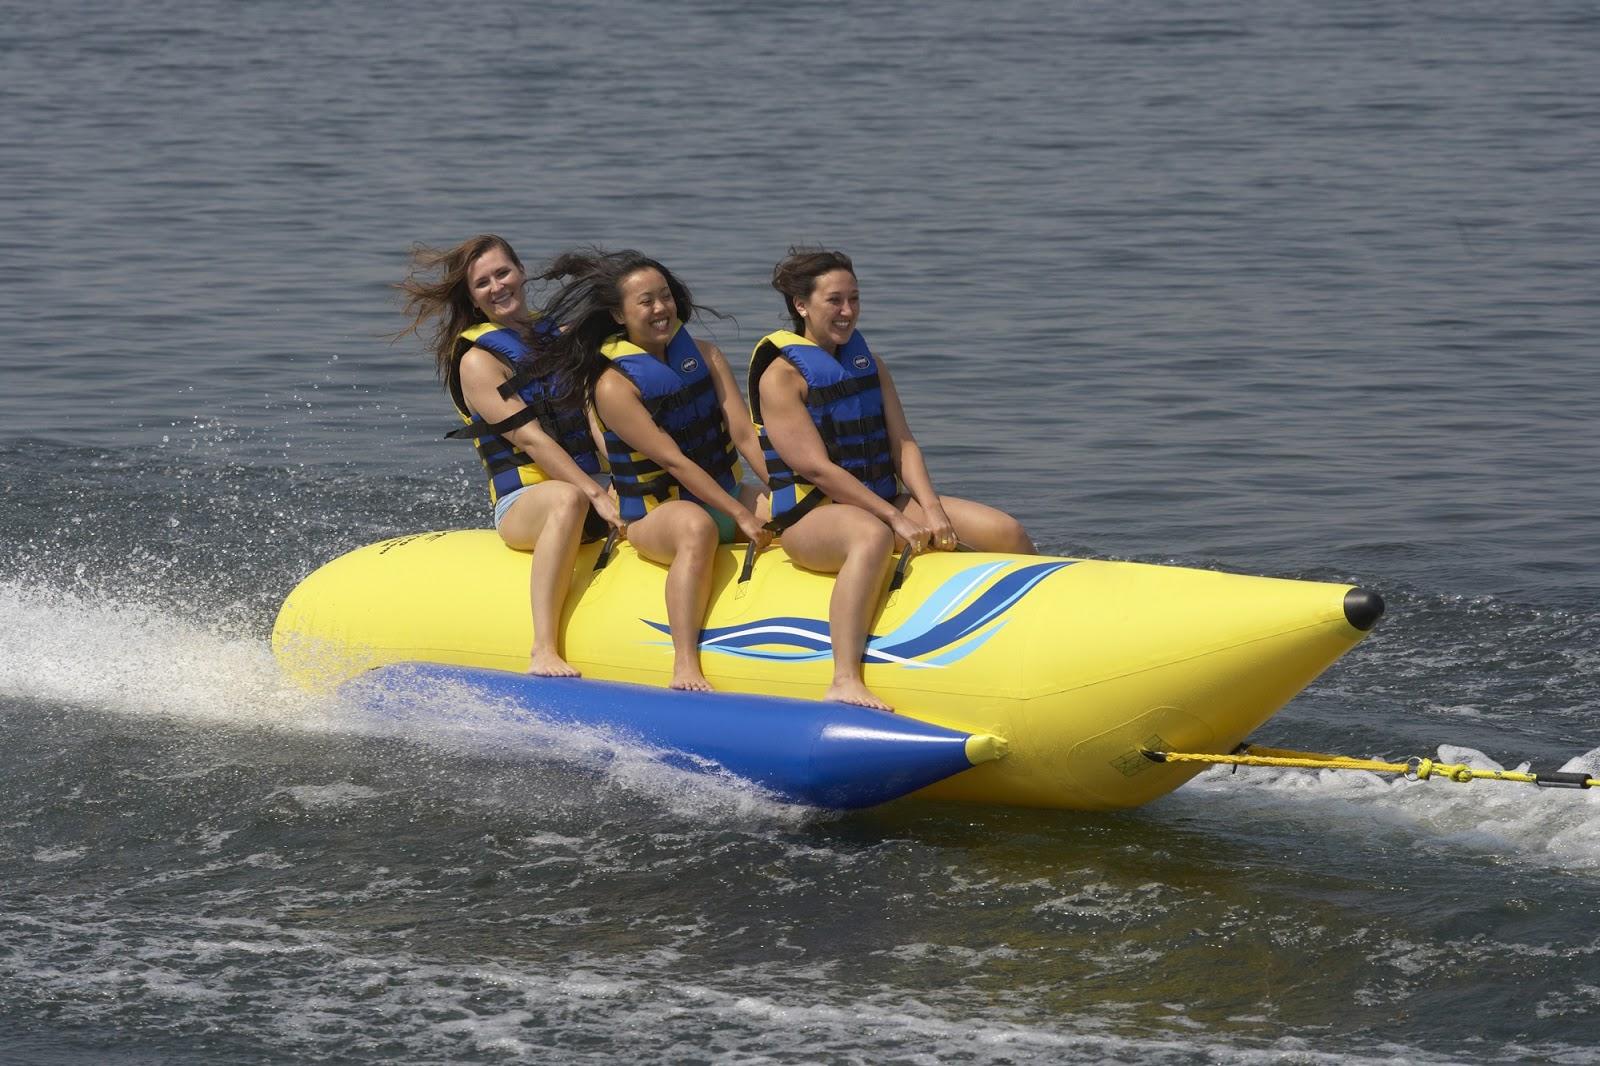 езда на надувных лодках видео